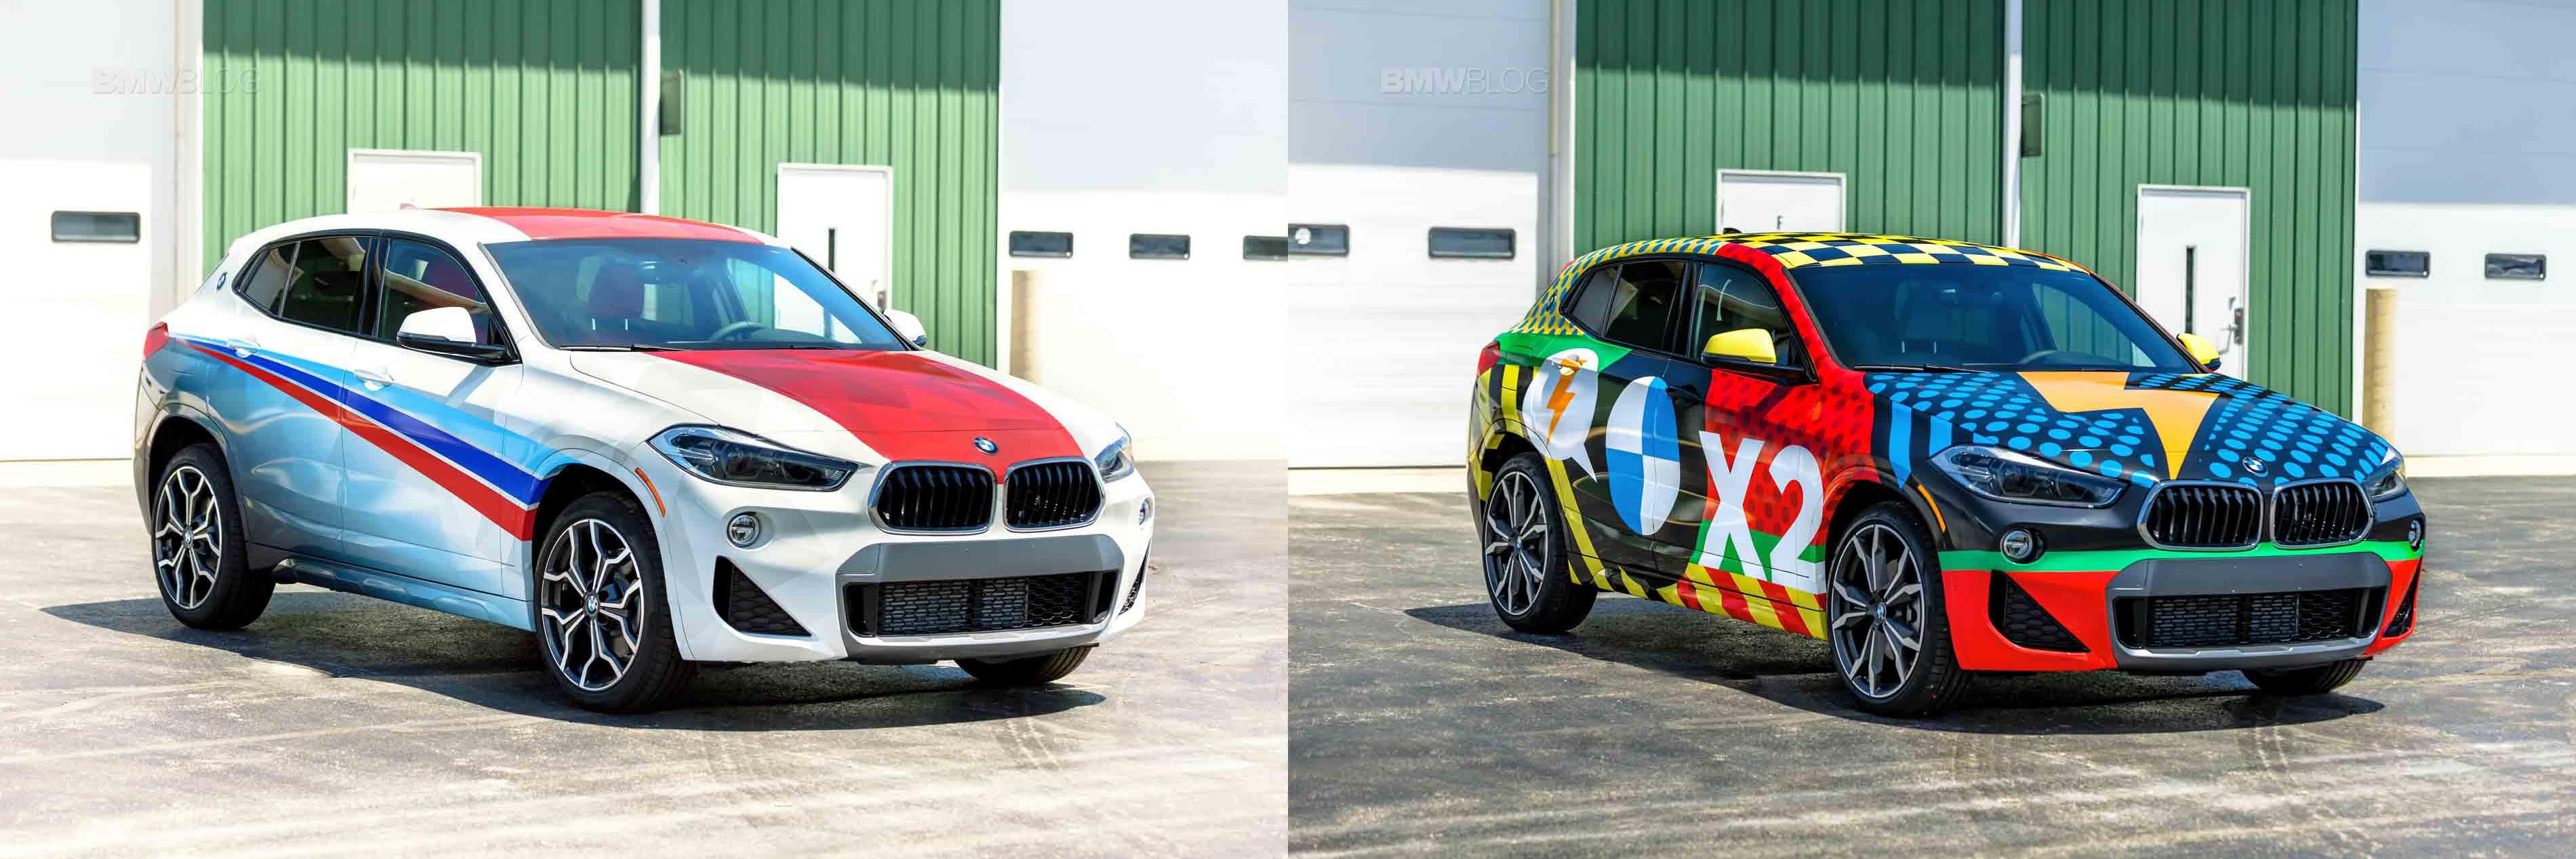 BMW X2 wrap winners